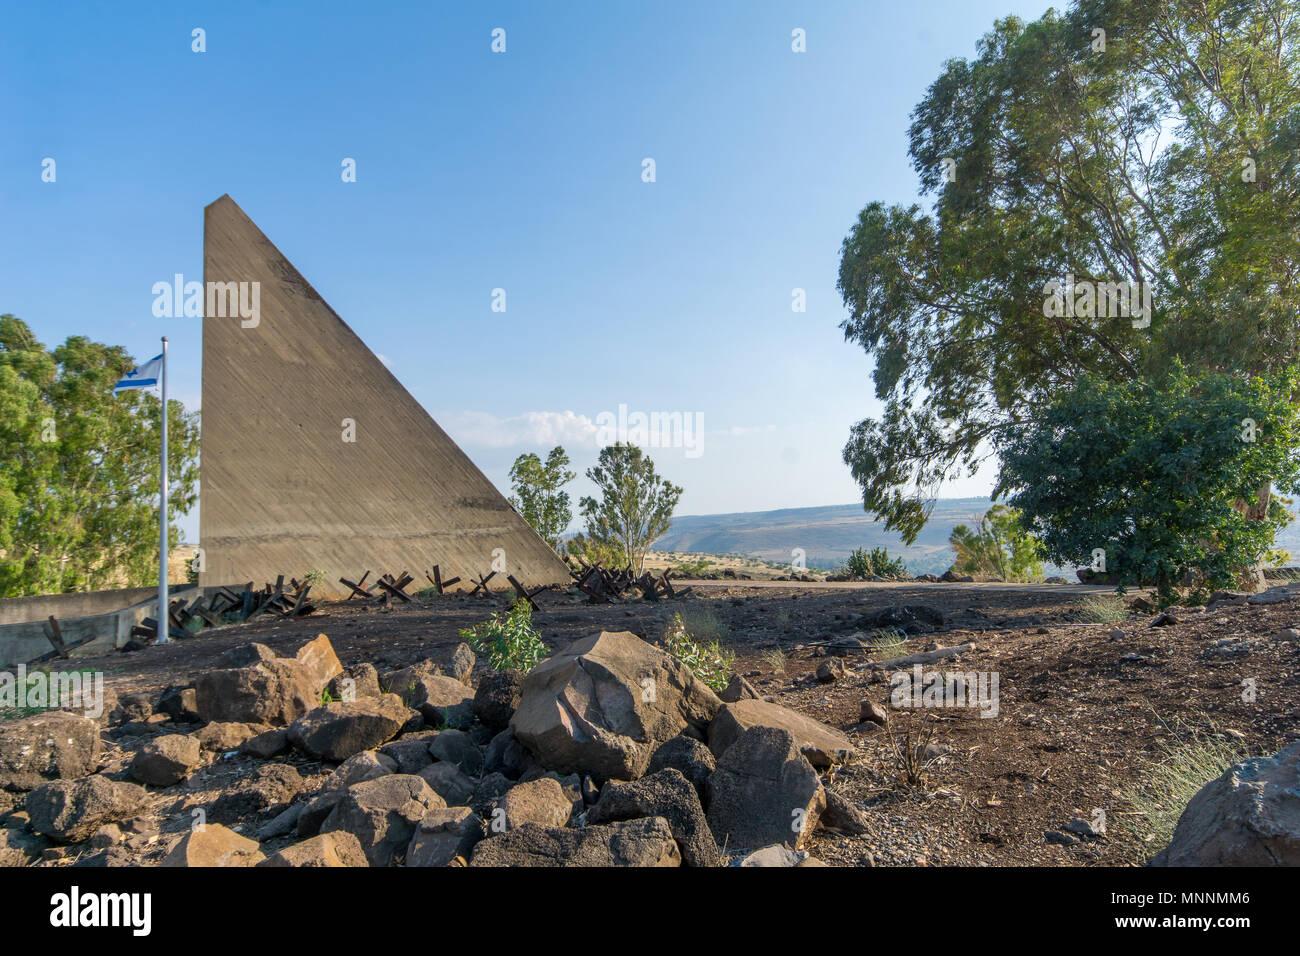 GADOT, Israele - 14 Maggio 2018: memoriale per i soldati di Alexandroni (Golan) Brigata, in Gadot lookout, le pendici delle alture del Golan, settentrionale è Foto Stock